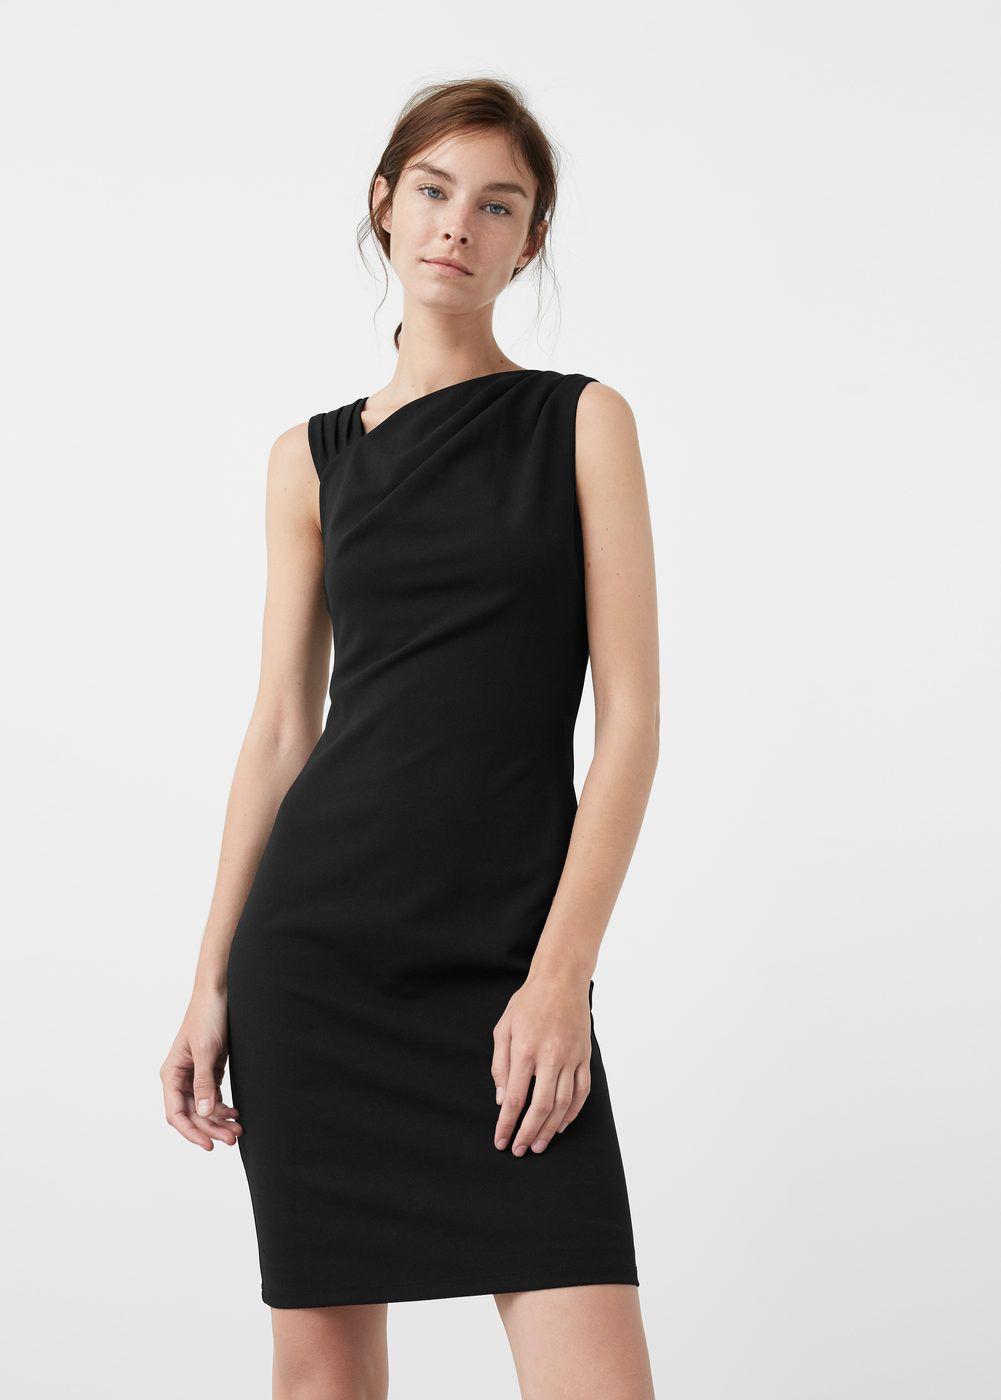 Vestido cuello drapeado - Vestidos de Mujer  27f2ea8084ea